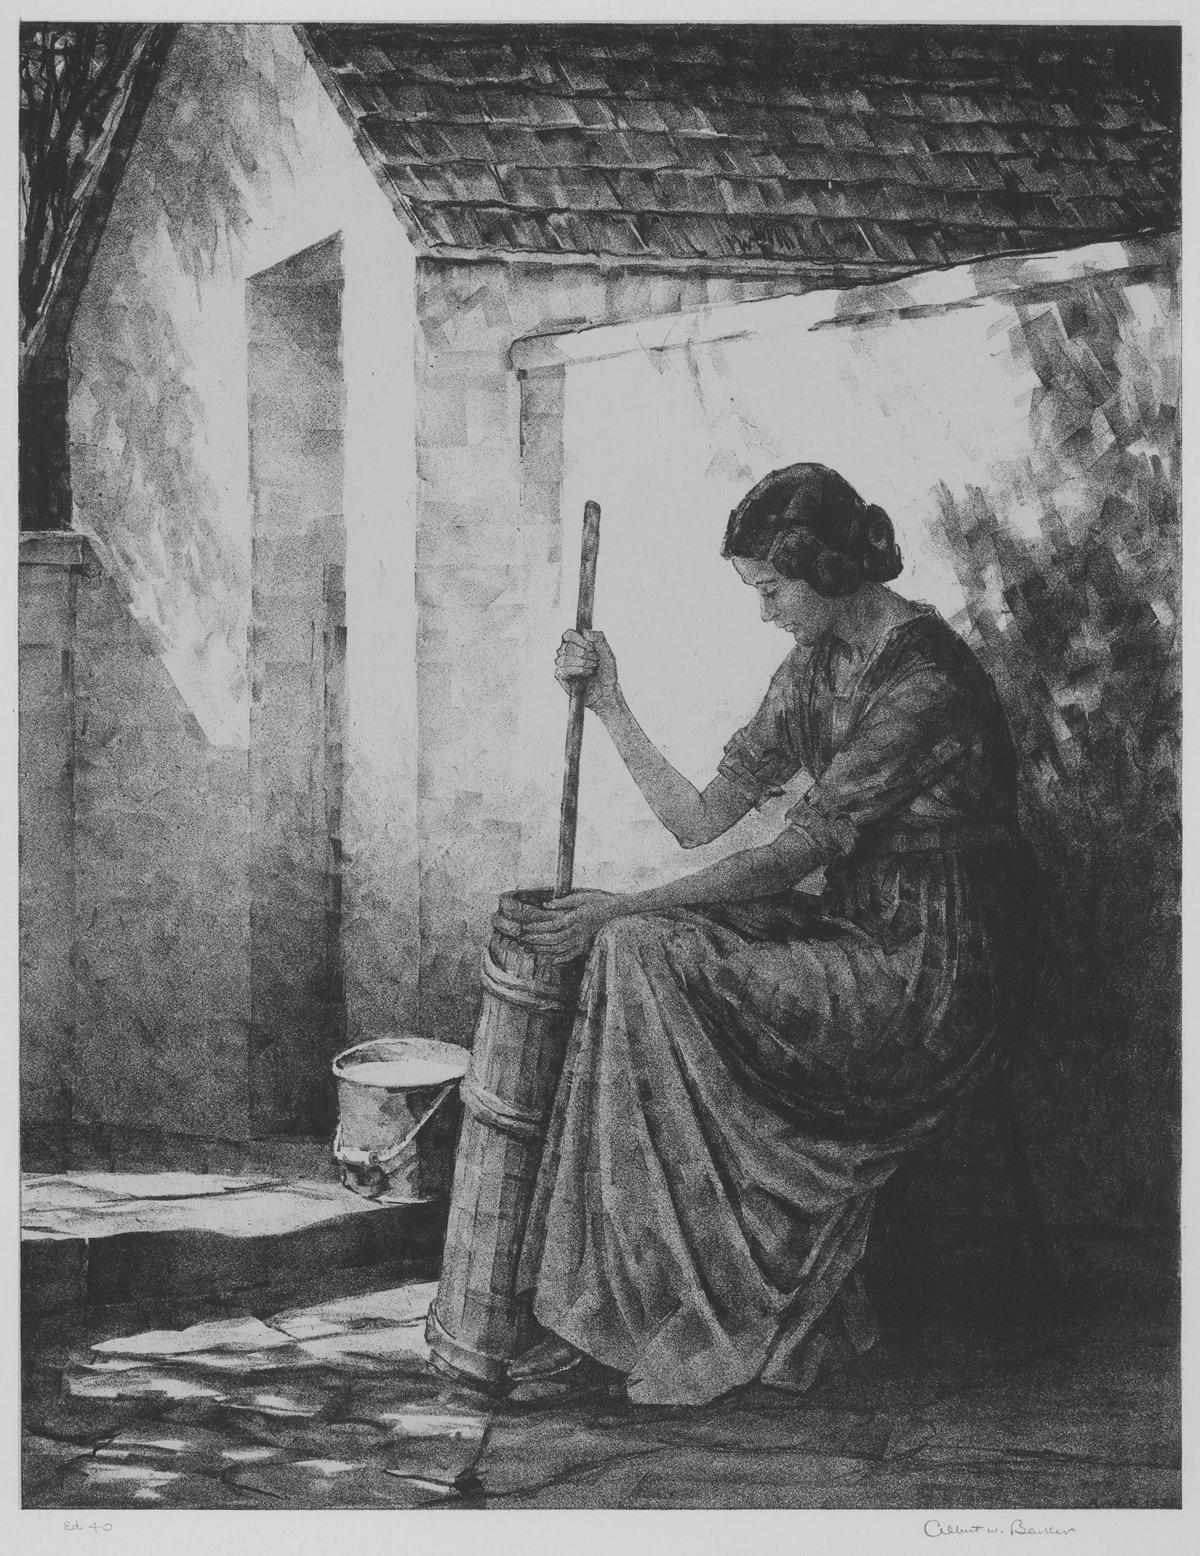 Churning, 2nd Stone